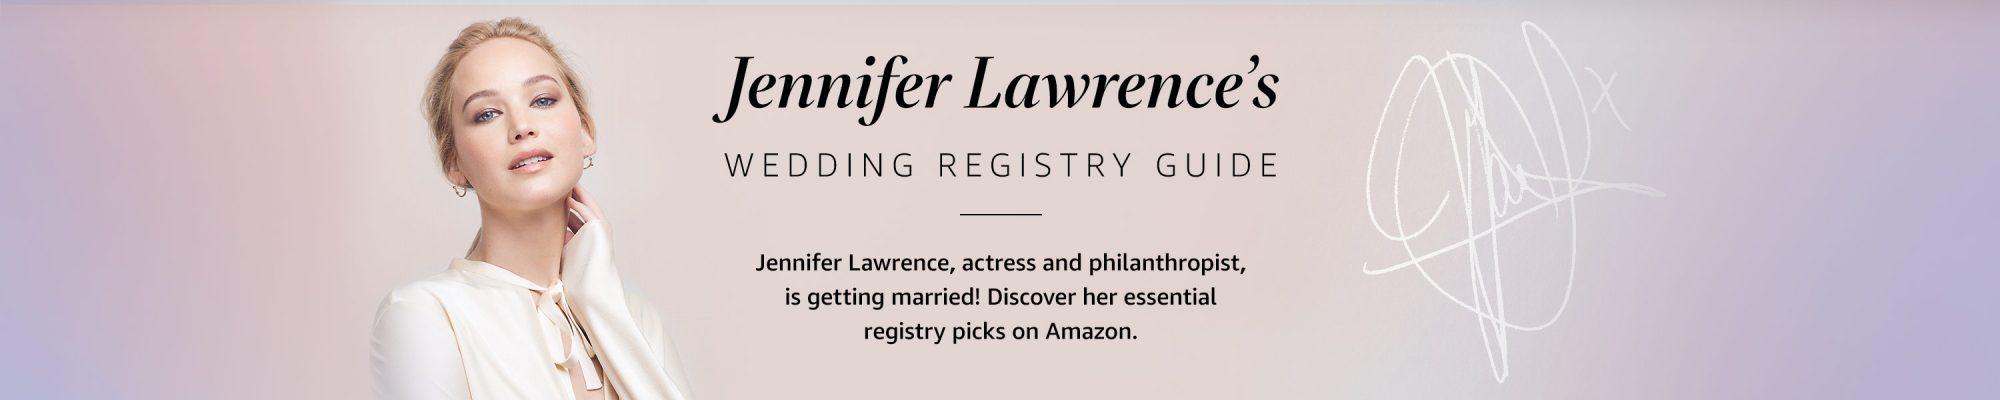 jennifer-lawrence-wedding-registry.jpg